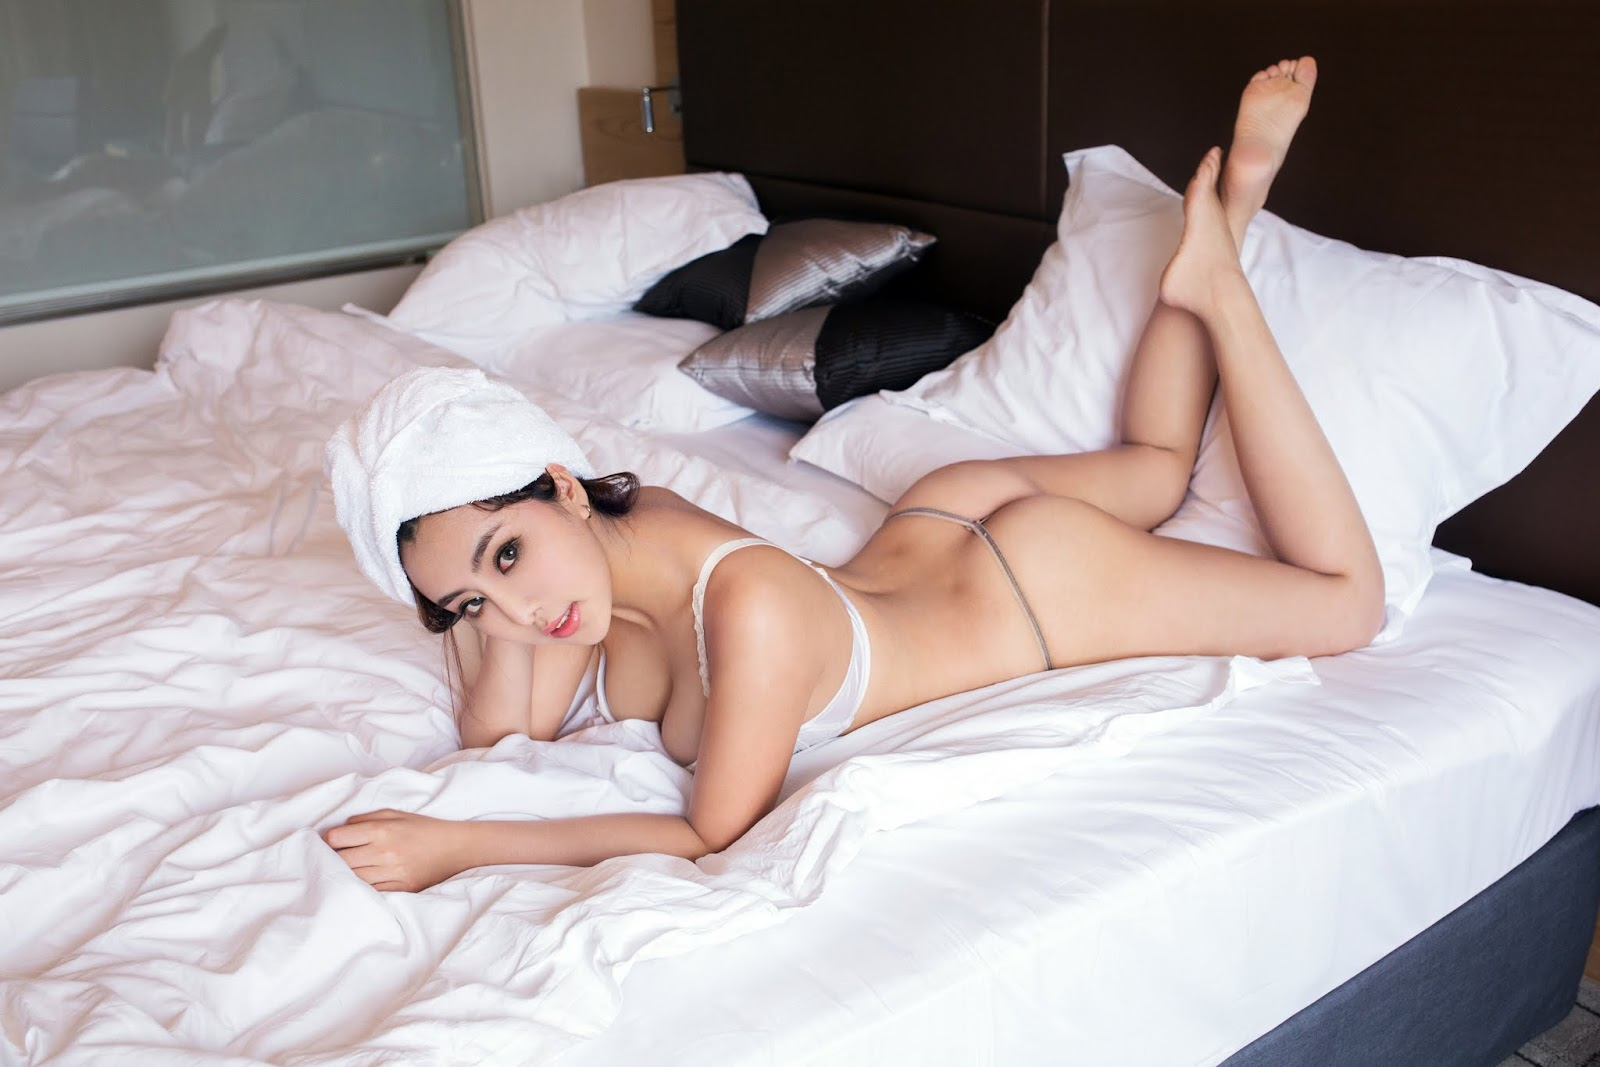 TuiGirl 39 - Sexy Model TUIGIRL NO.17 Nude